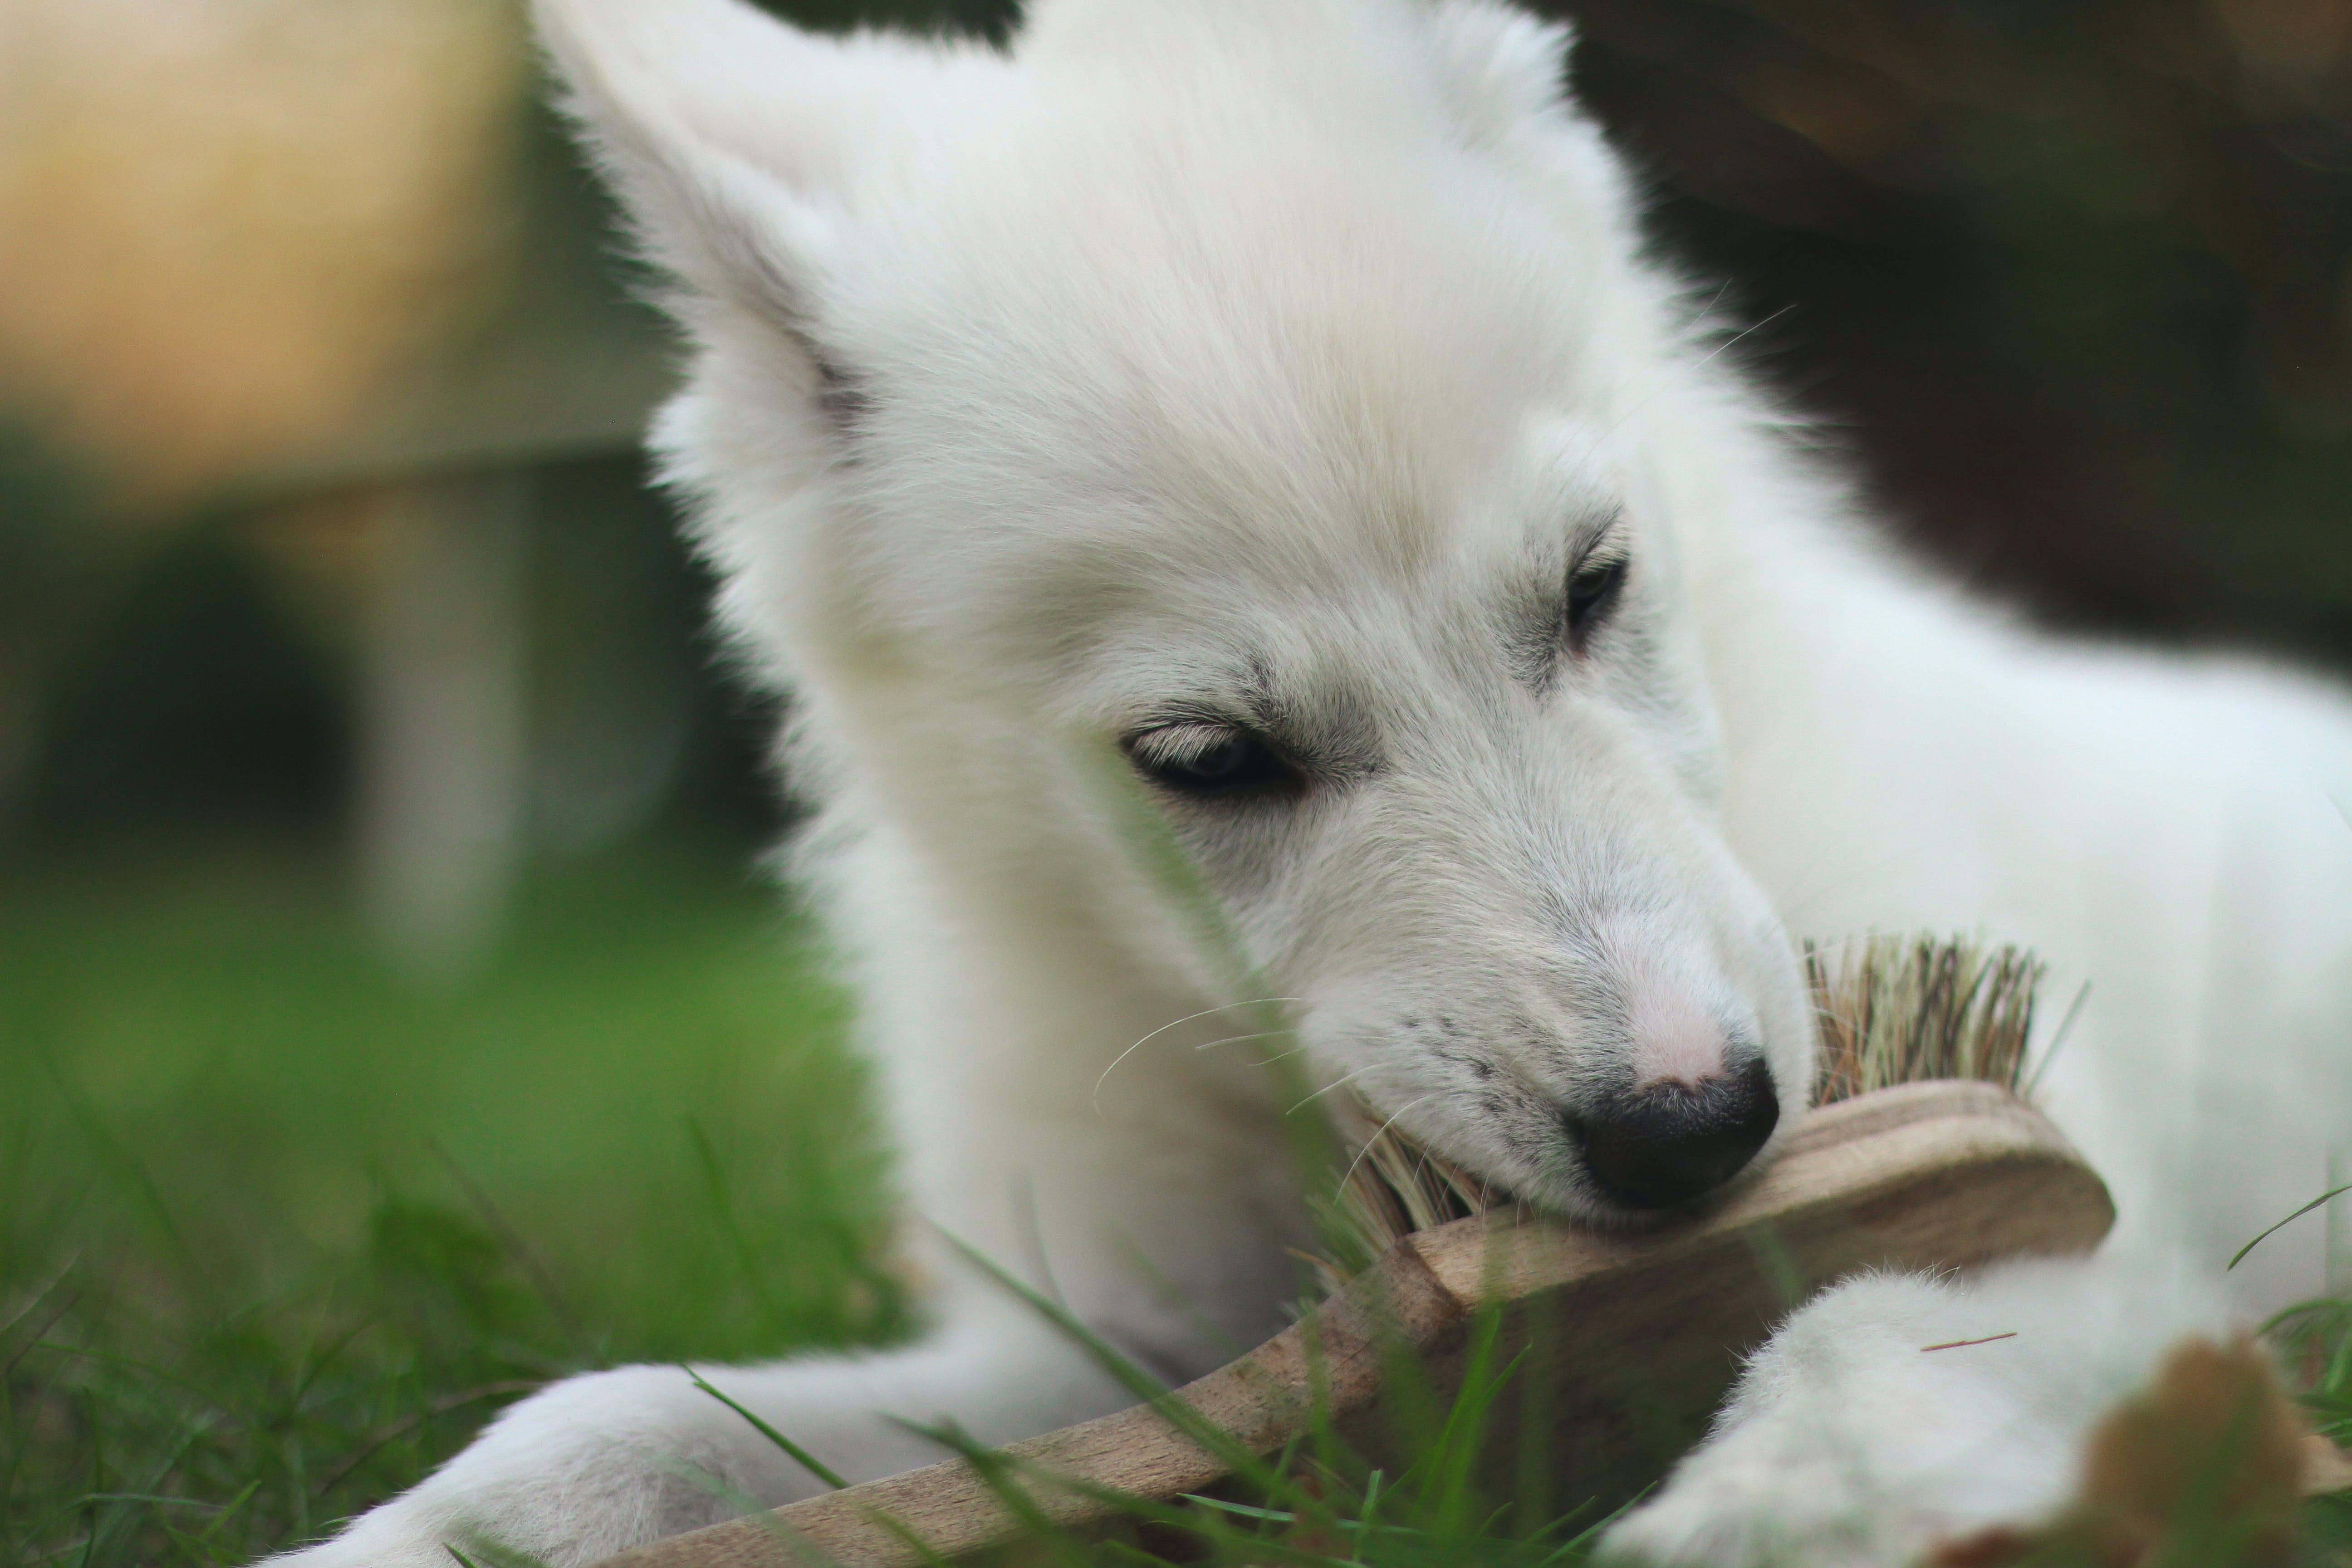 Δωρεάν στοκ φωτογραφιών με furr, hund, welpe, Βοσκός